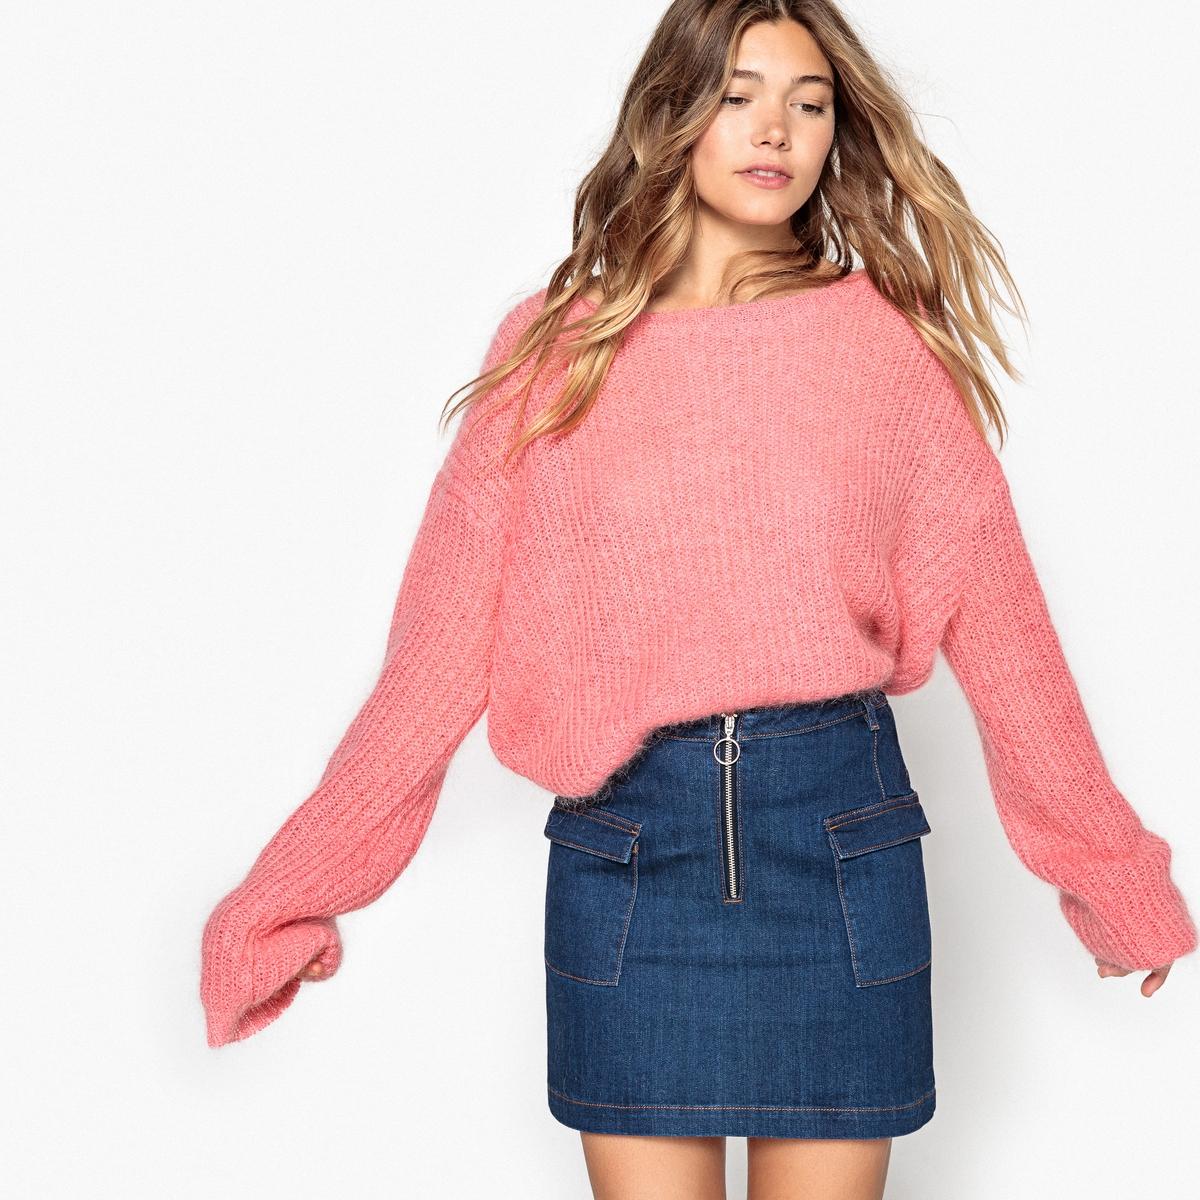 Пуловер La Redoute Покроя оверсайз L розовый бушлат длинный покроя оверсайз